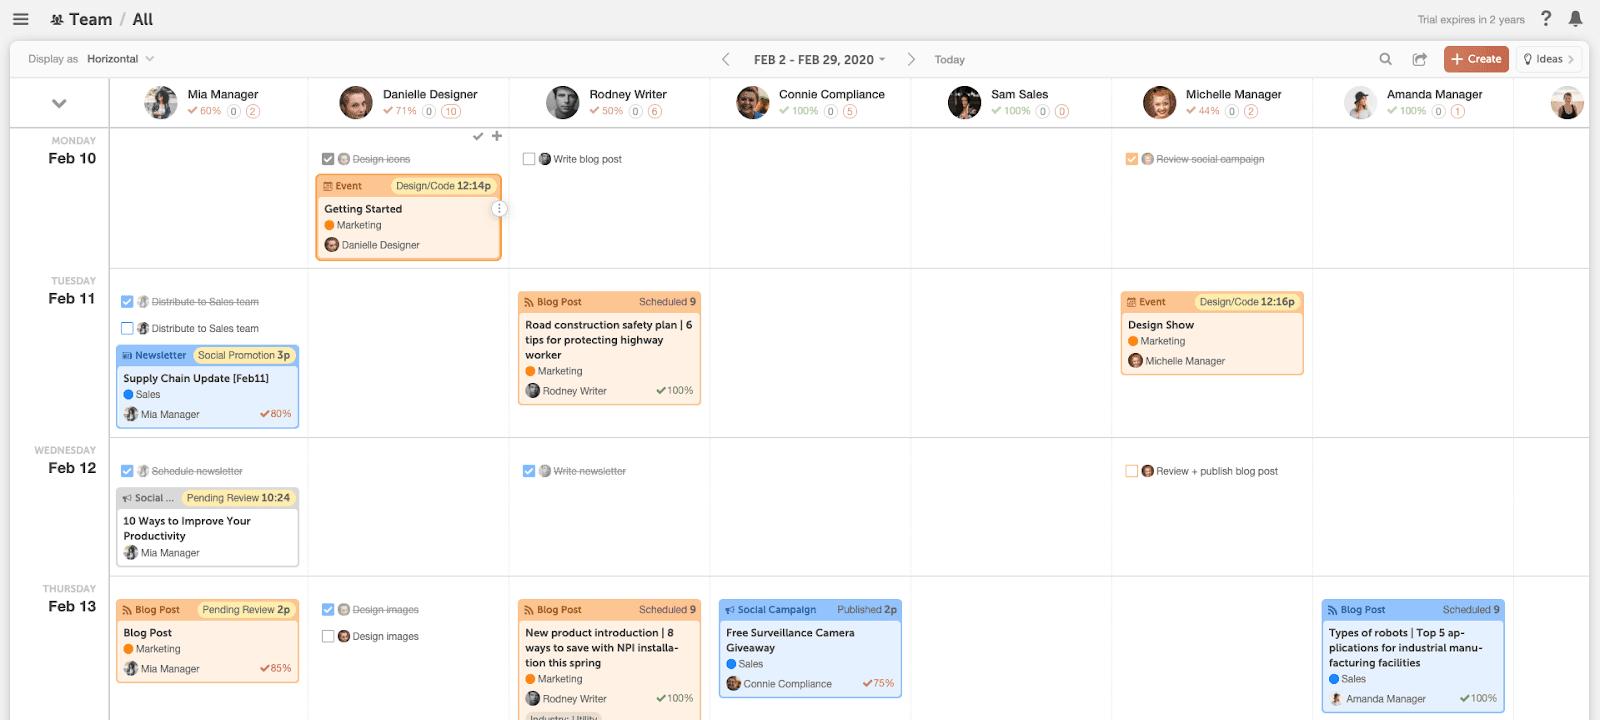 CoSchedule marketing calendar workflow